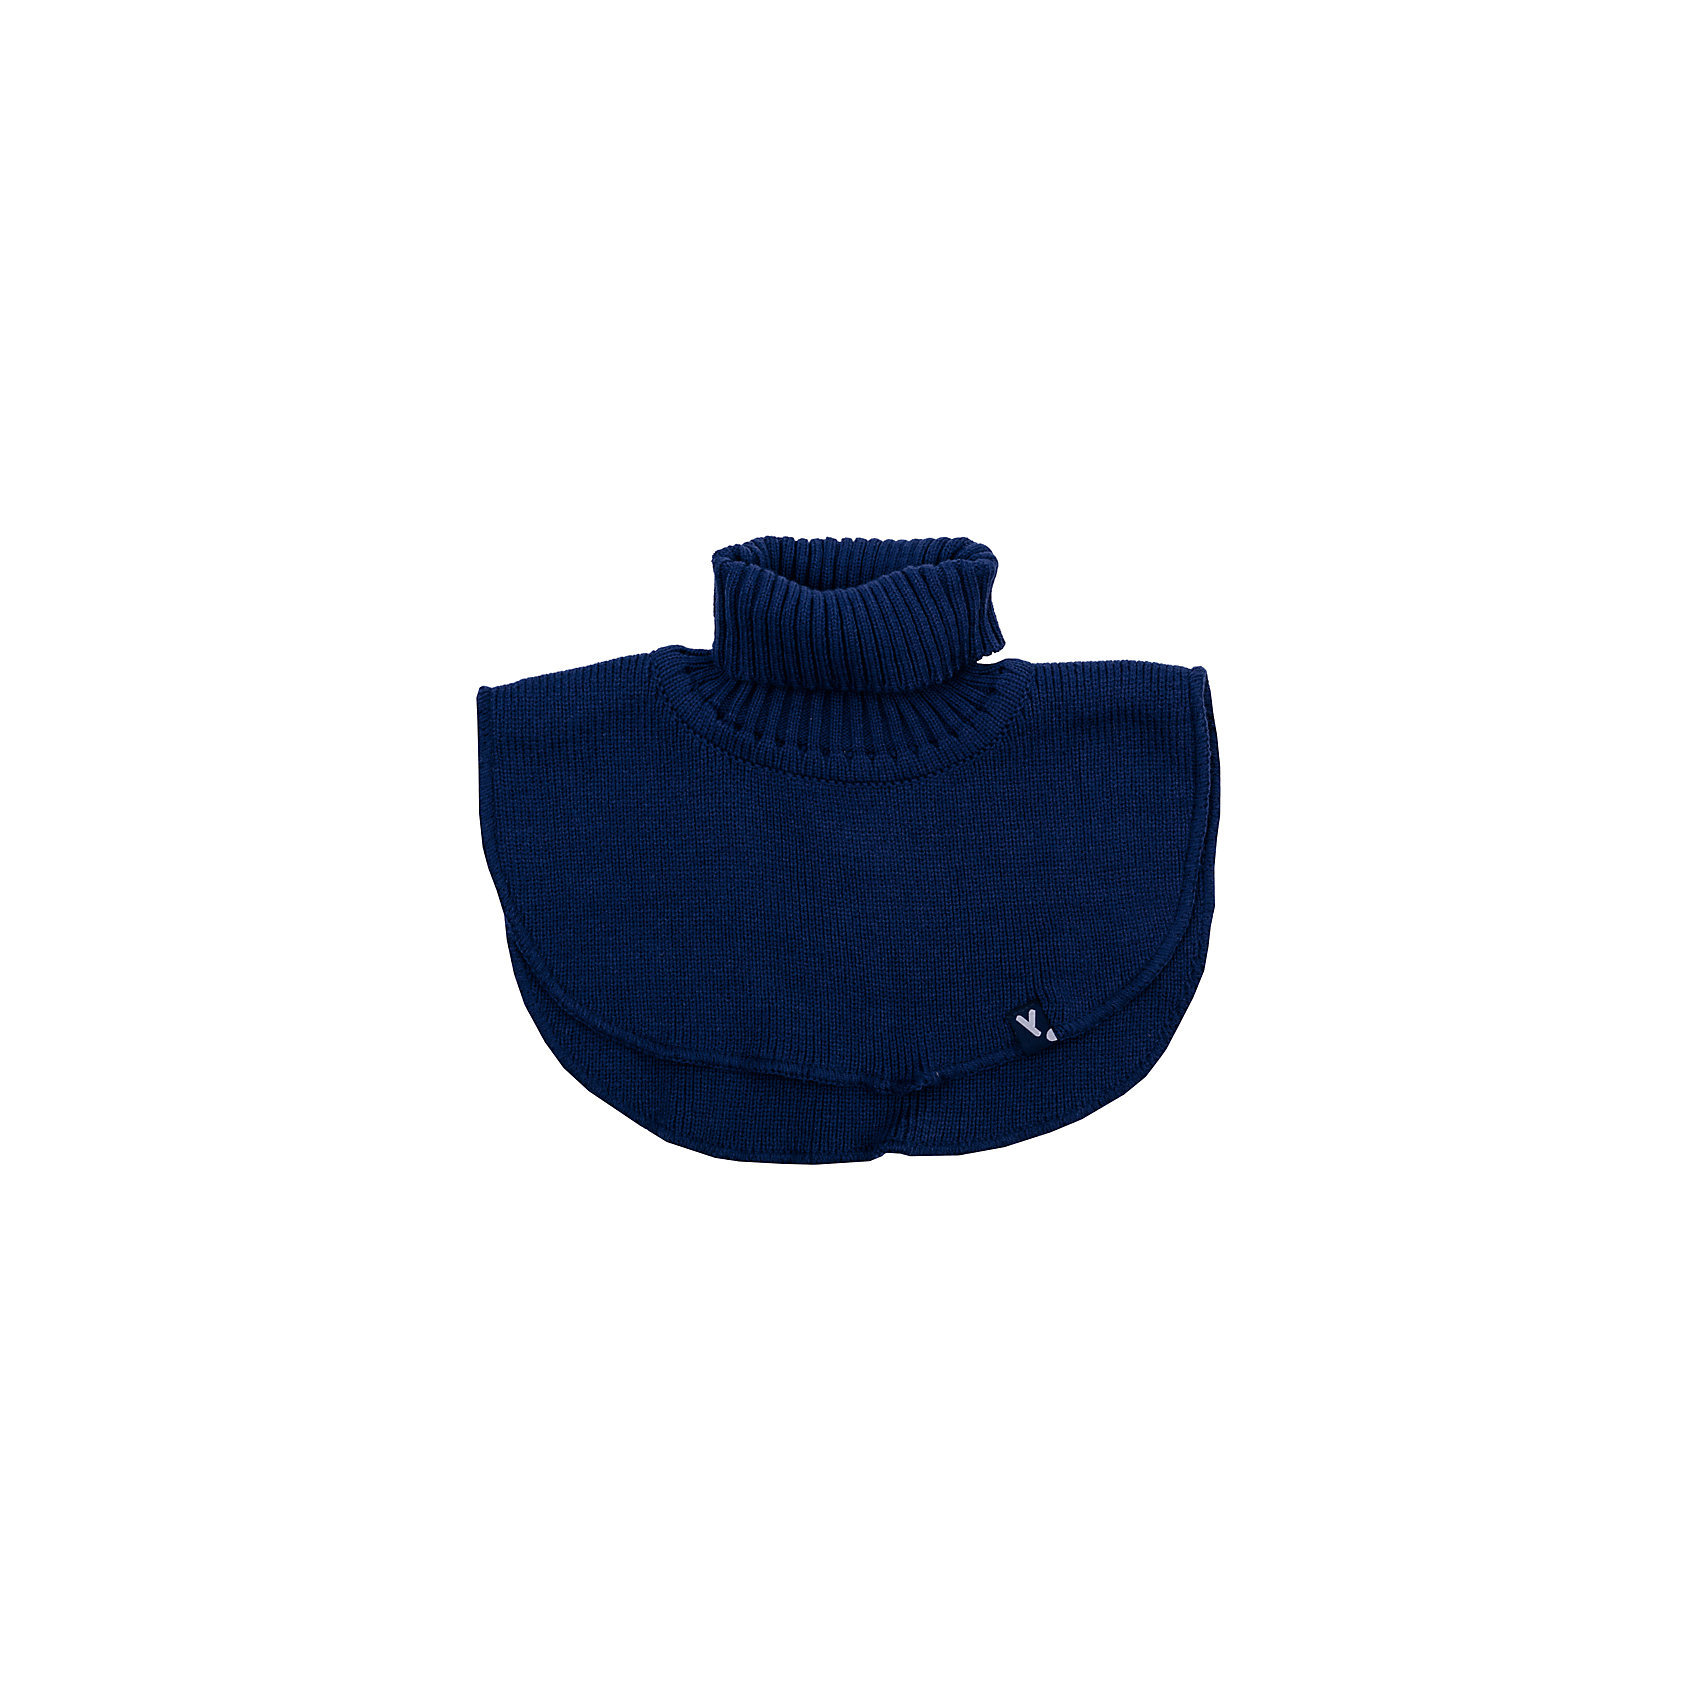 Манишка для мальчика PlayTodayМанишка для мальчика от известного бренда PlayToday.<br>теплый шарф-воротник надежно защитит от ветра. Верх на мягкой резинке.<br>Состав:<br>60% хлопок, 40% акрил<br><br>Ширина мм: 88<br>Глубина мм: 155<br>Высота мм: 26<br>Вес г: 106<br>Цвет: синий<br>Возраст от месяцев: 24<br>Возраст до месяцев: 36<br>Пол: Мужской<br>Возраст: Детский<br>Размер: 50,54,52<br>SKU: 4898357